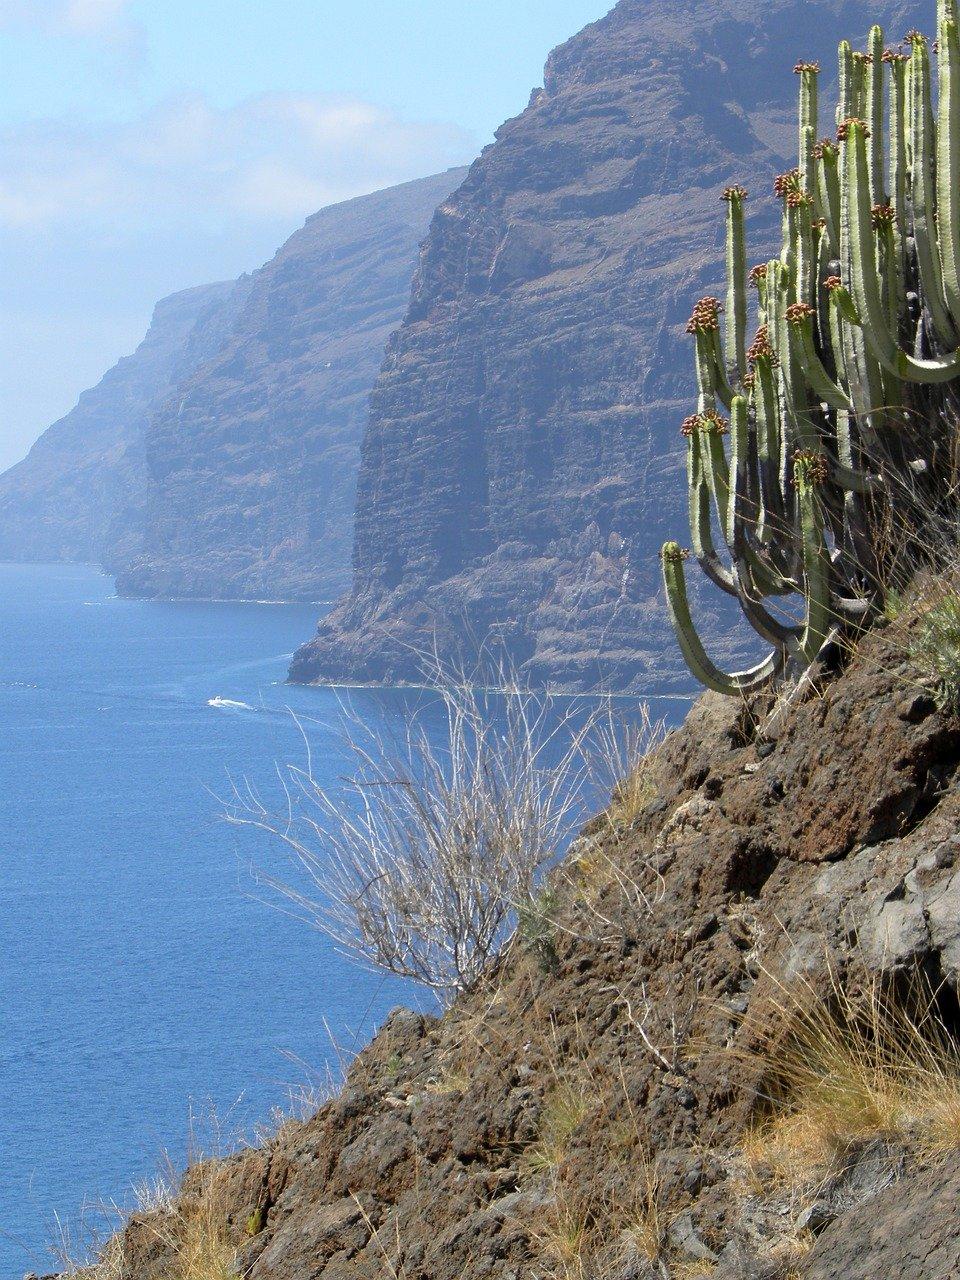 Qué características tiene la flora y fauna de las islas Canarias